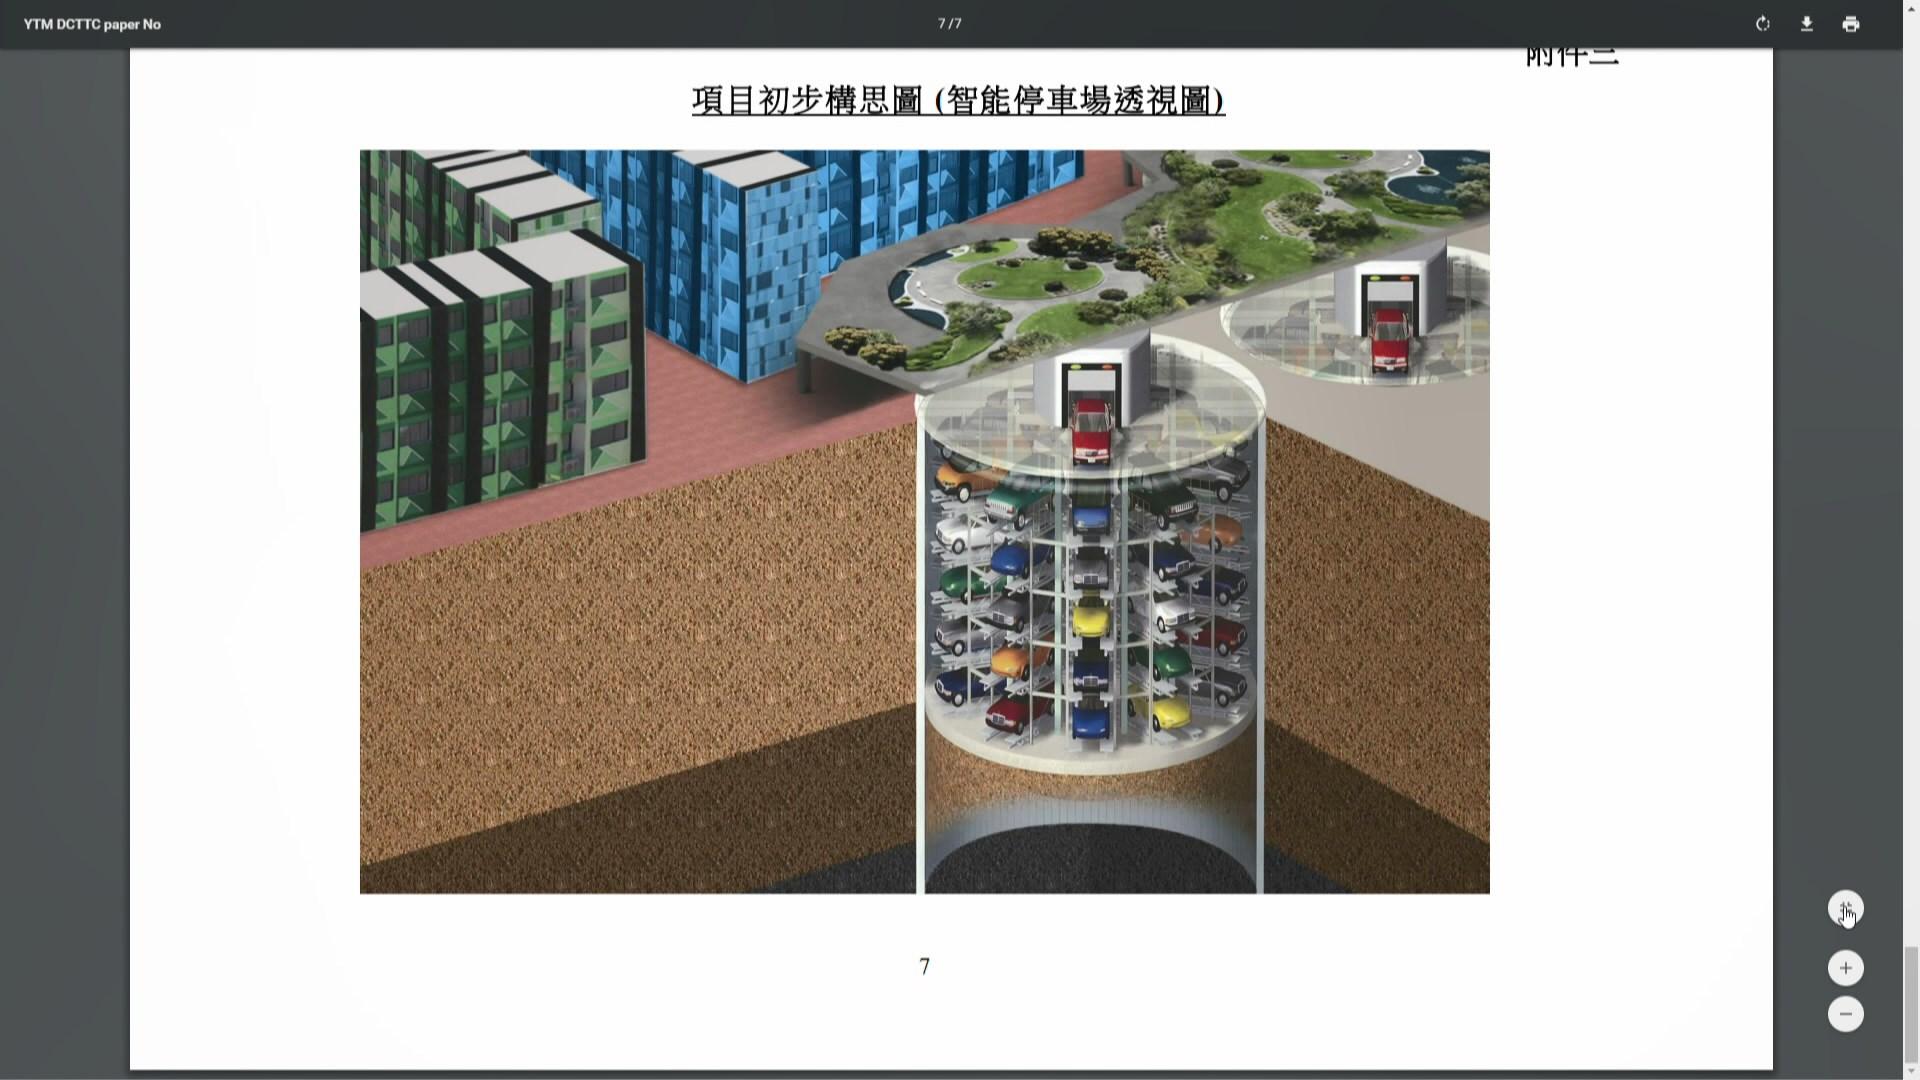 市建局:傾向以「電子飛氈」作為智能停車場發展目標